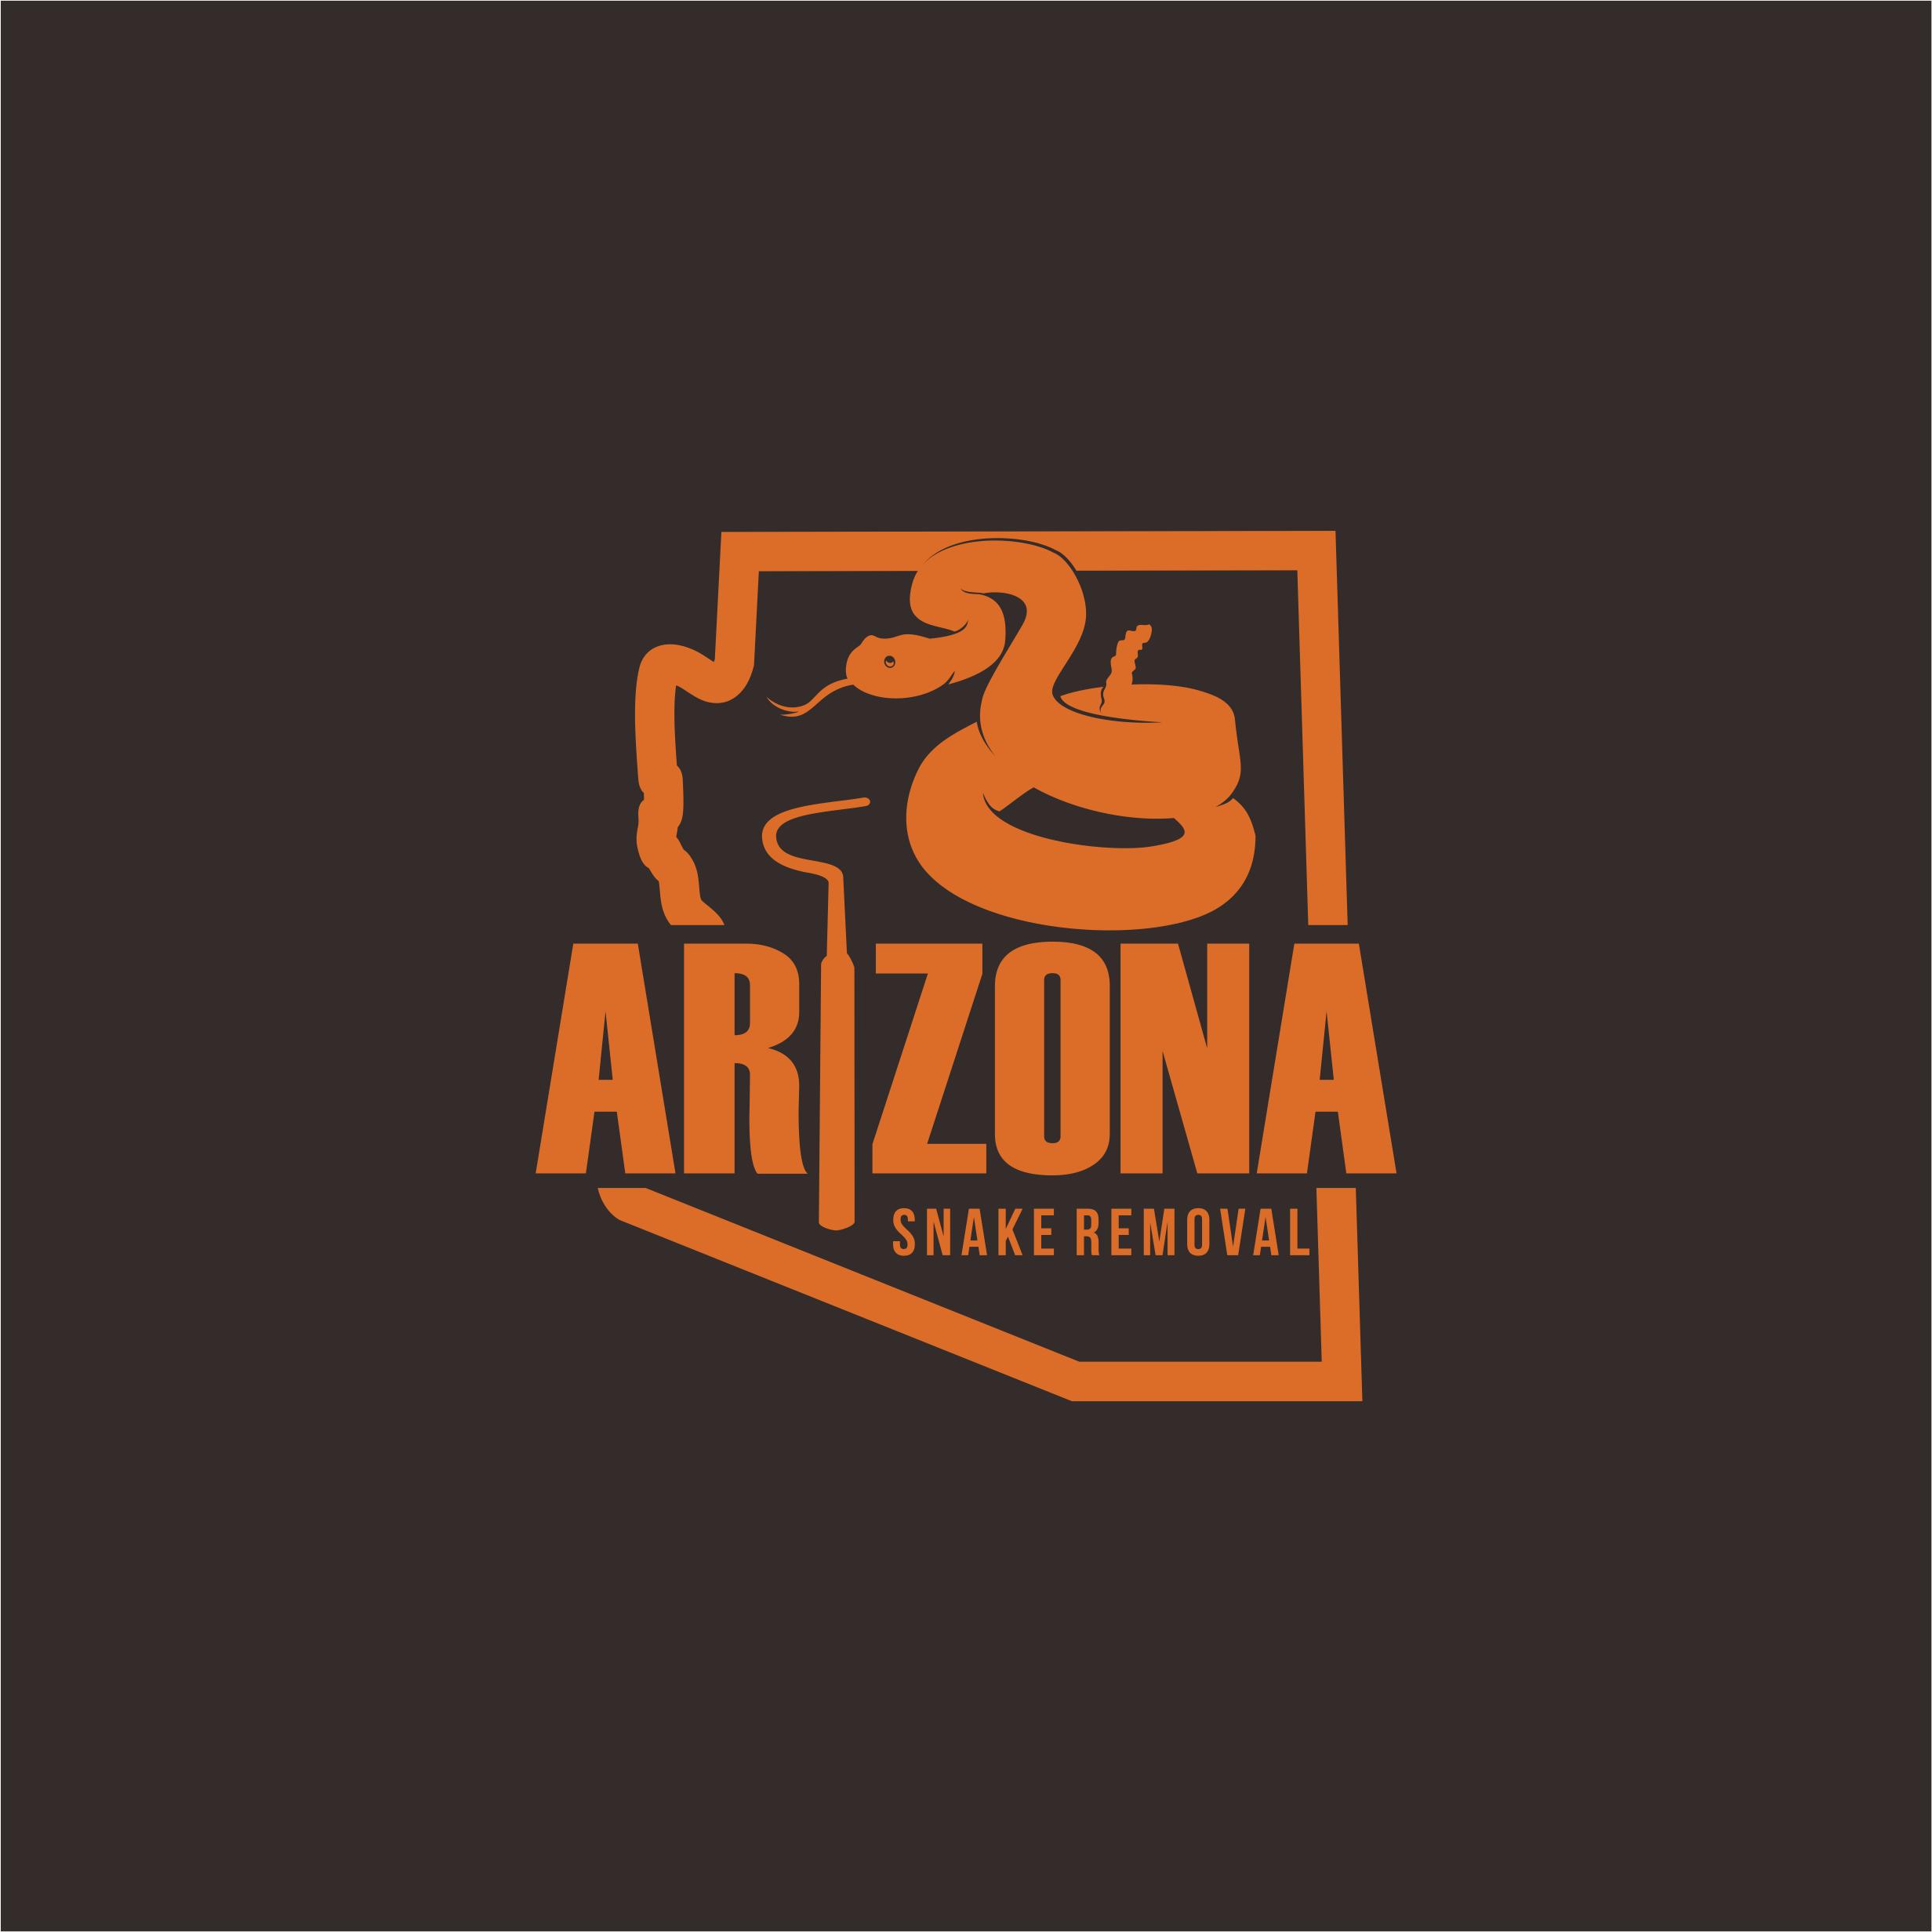 New Snake Removal Company in Arizona needs a Fresh New Logo